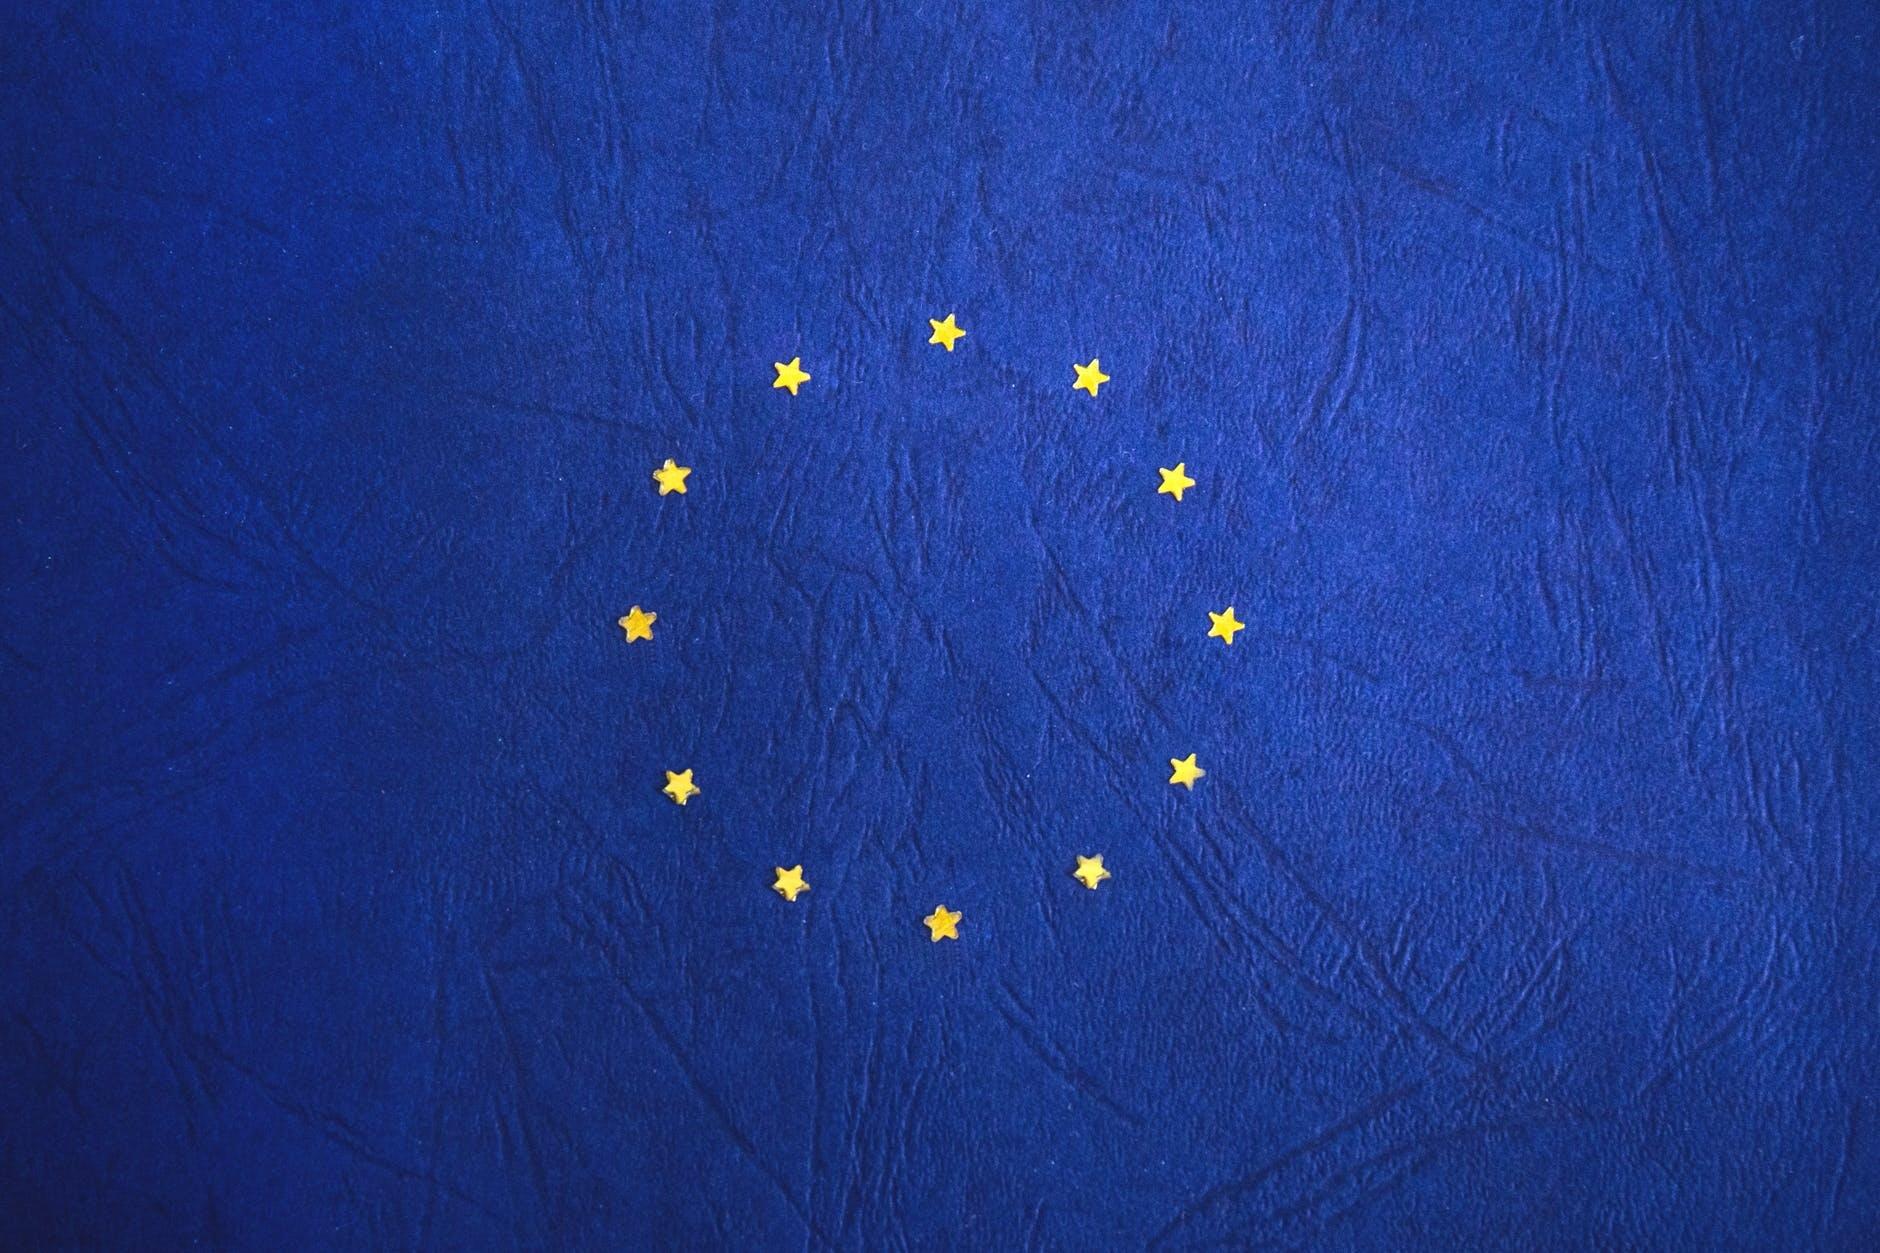 Stronger protection, new opportunities: le Linee Guida della Commissione europea per l'applicazione del GDPR